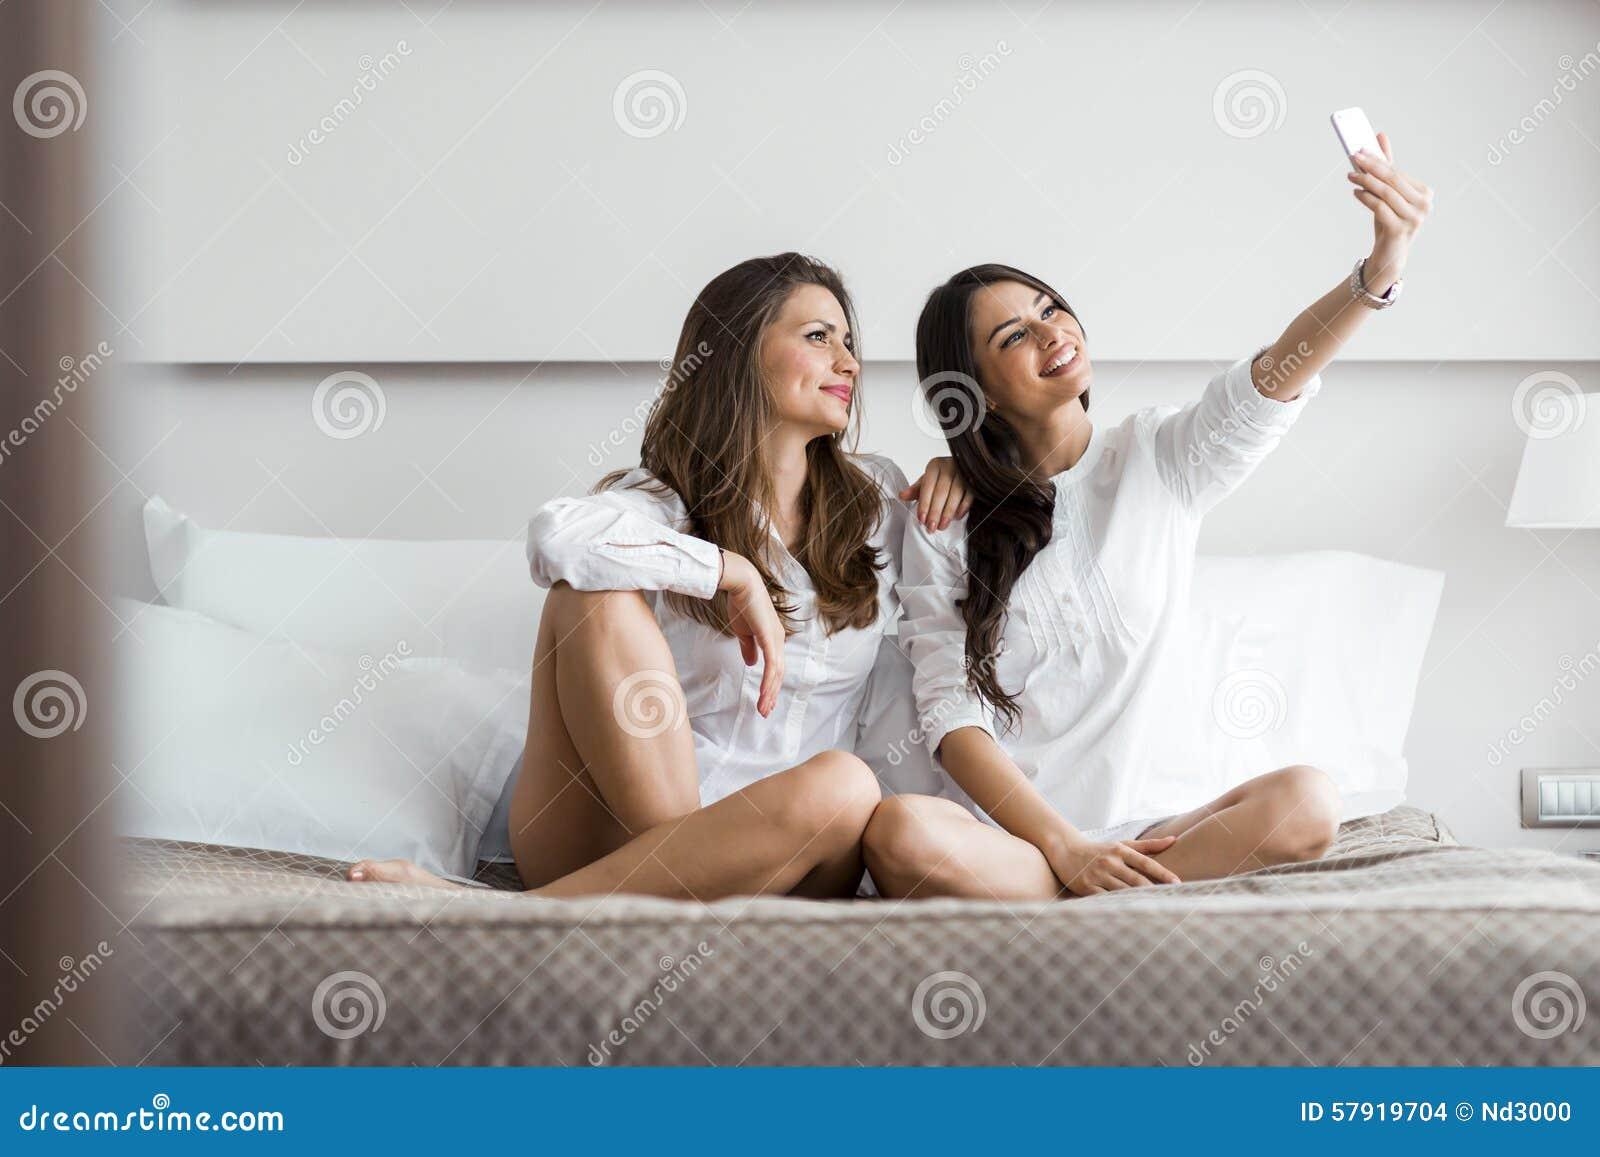 photos chaudes filles Sex com www vidéo